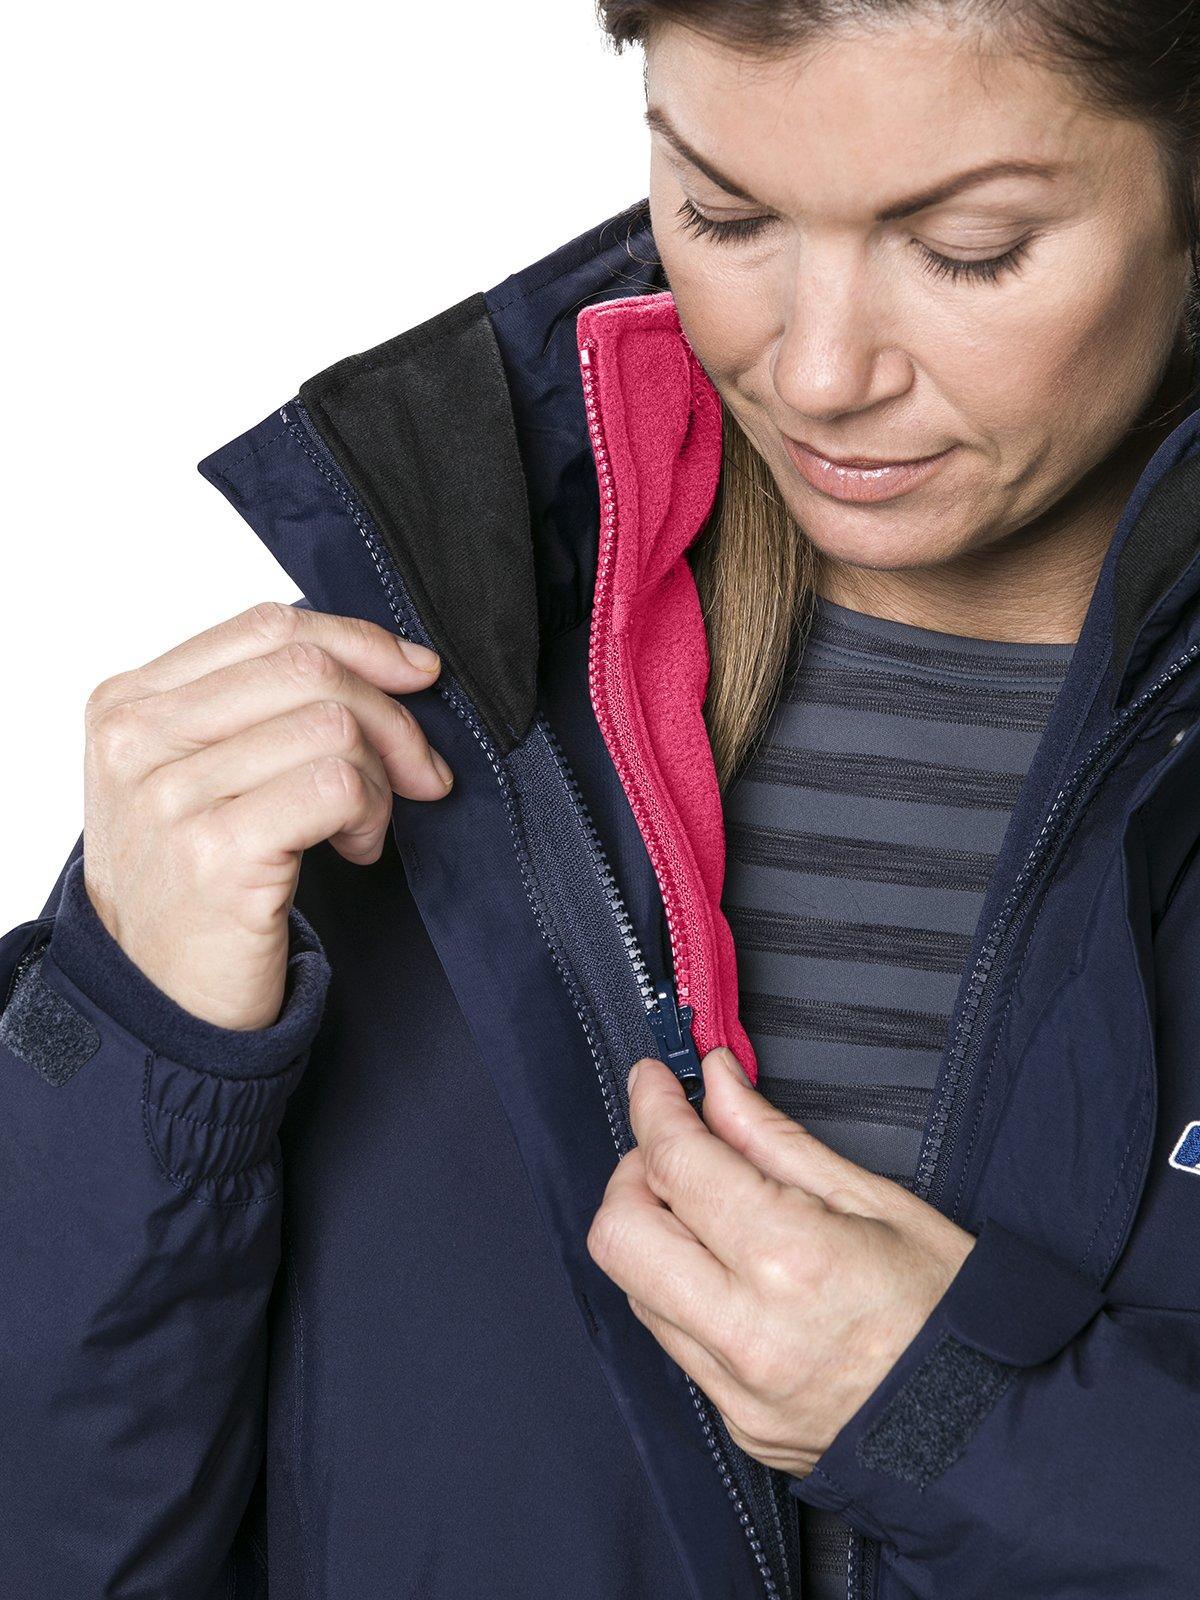 81B4vwUb7KL - Berghaus Prism 2.0 Women's Fleece Jacket